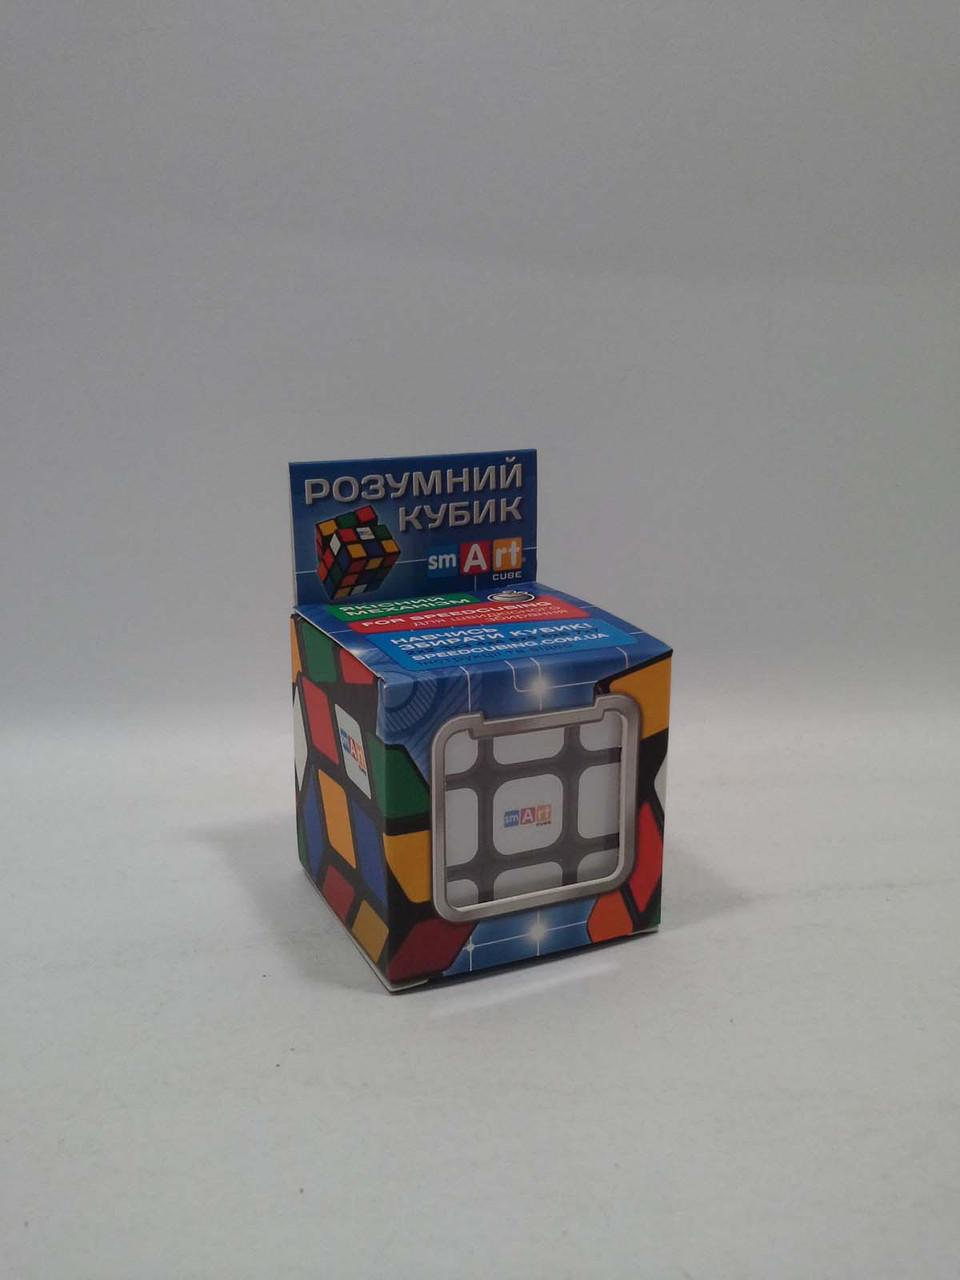 Гра Бюджетний Кубик Рубіка 3х3 (чорний). Smart Cube